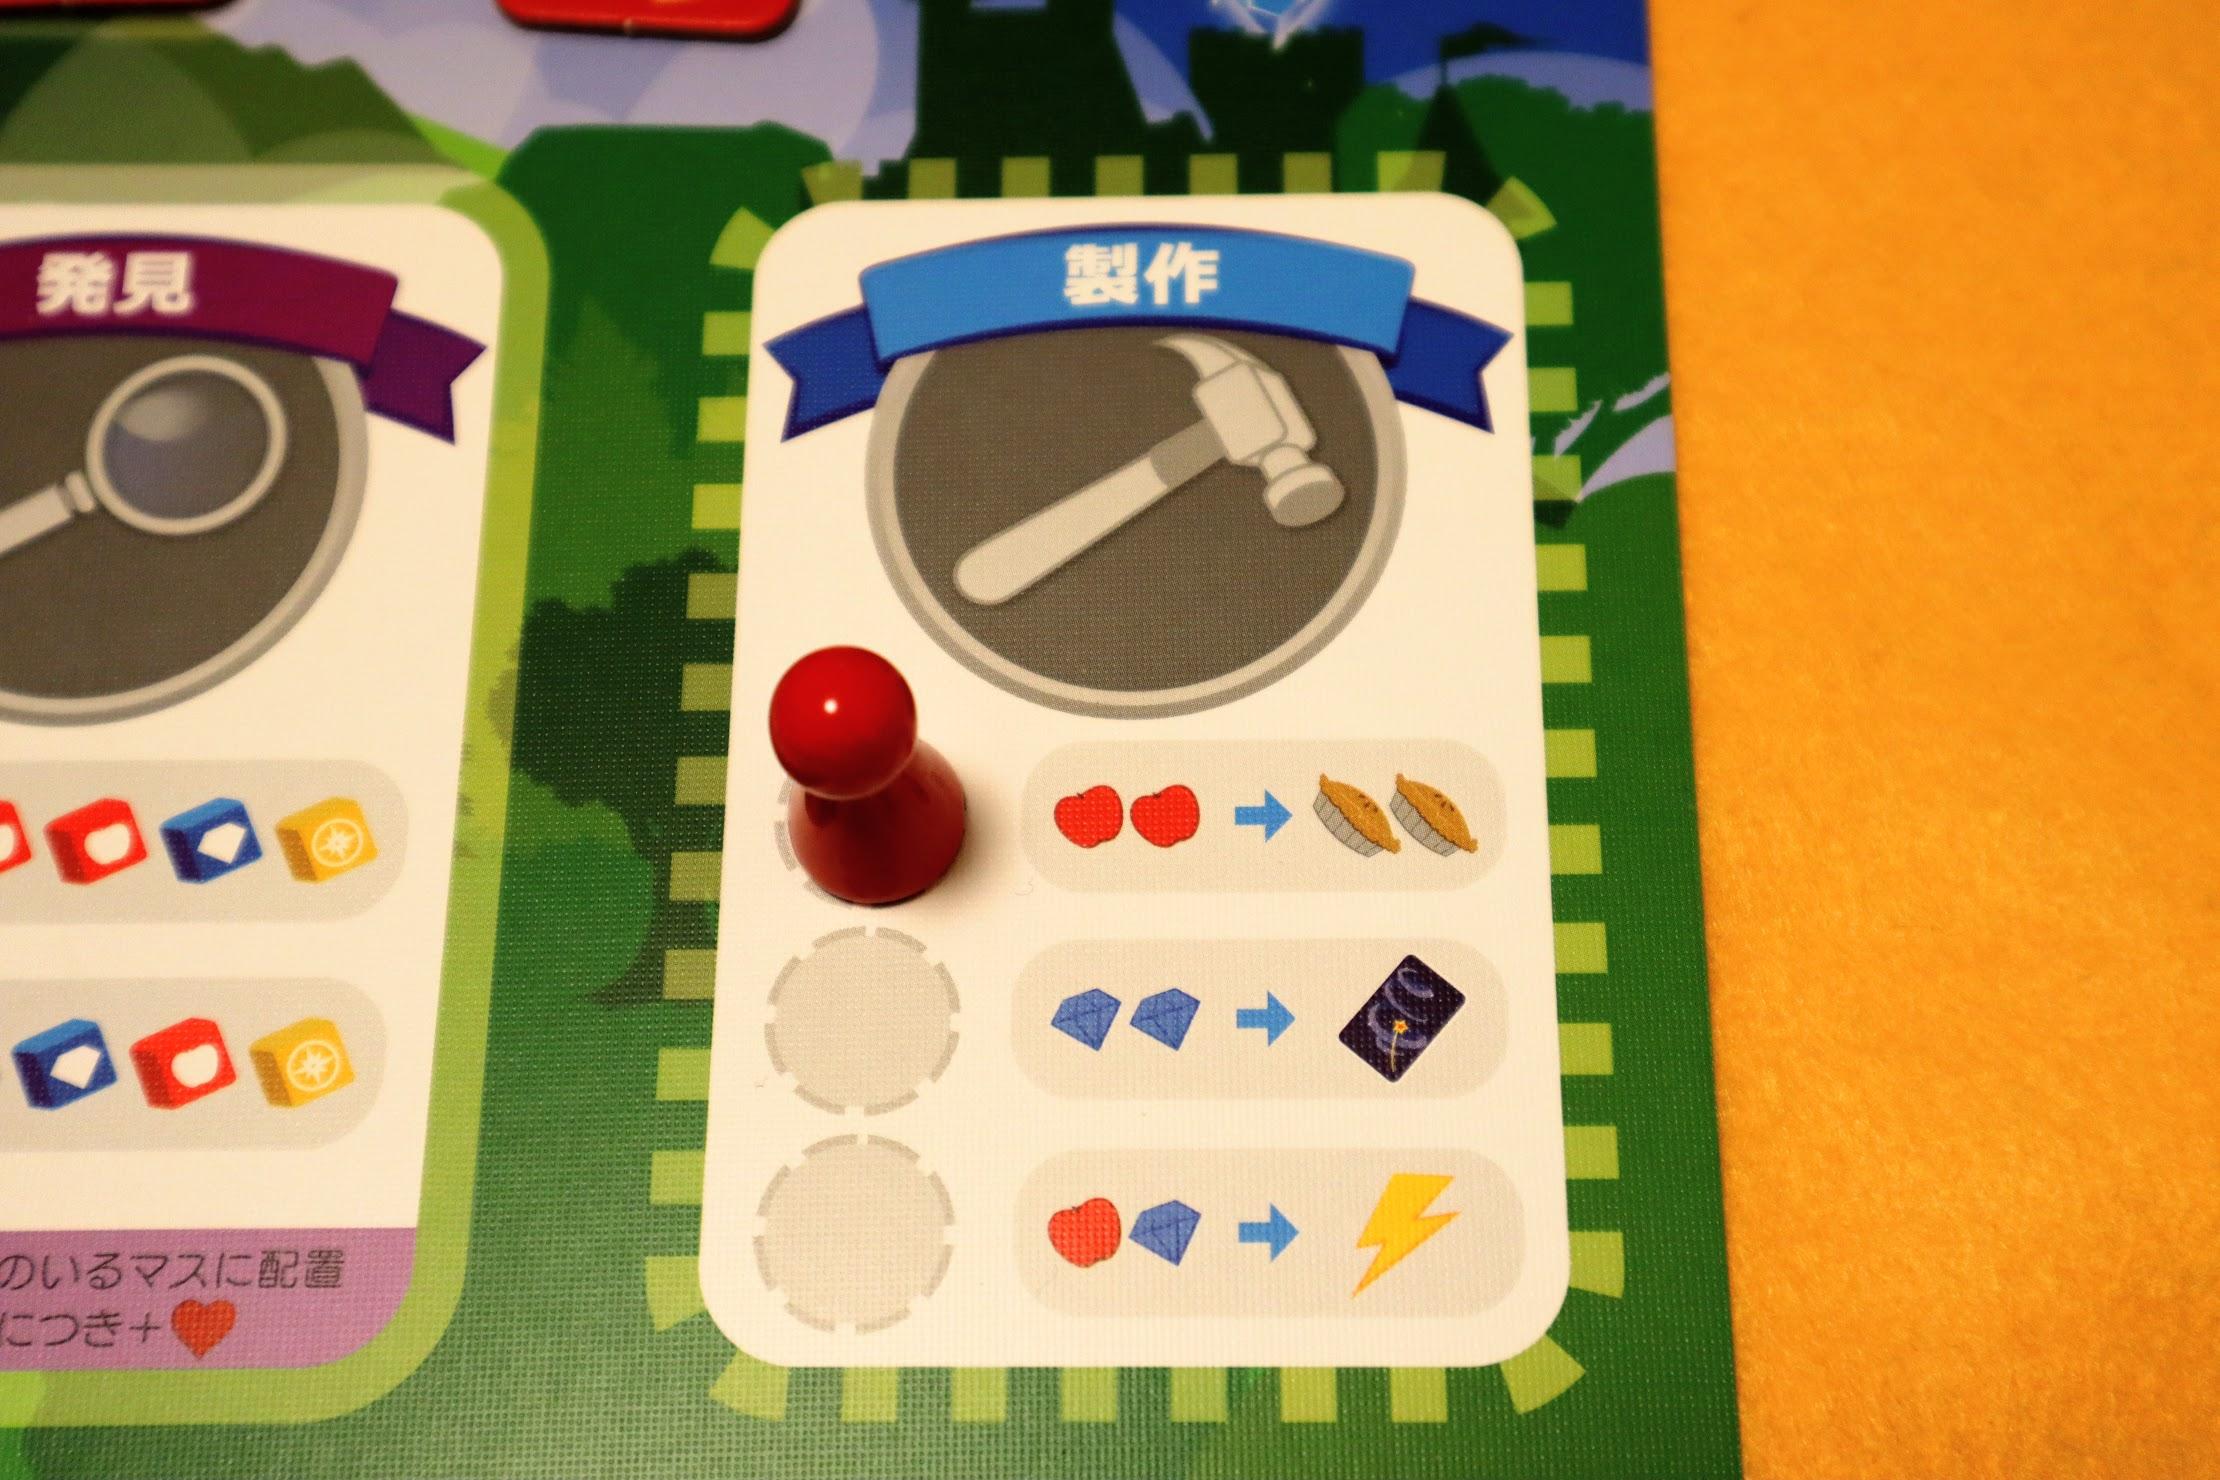 製作アクション:マイ・リトル・サイズ> </p> </div> <p>プレイヤーの所有している資源(リンゴと宝石)を消費して、報酬を受け取ることができます。報酬は全3種類。それぞれ以下の通り。</p> <div class=